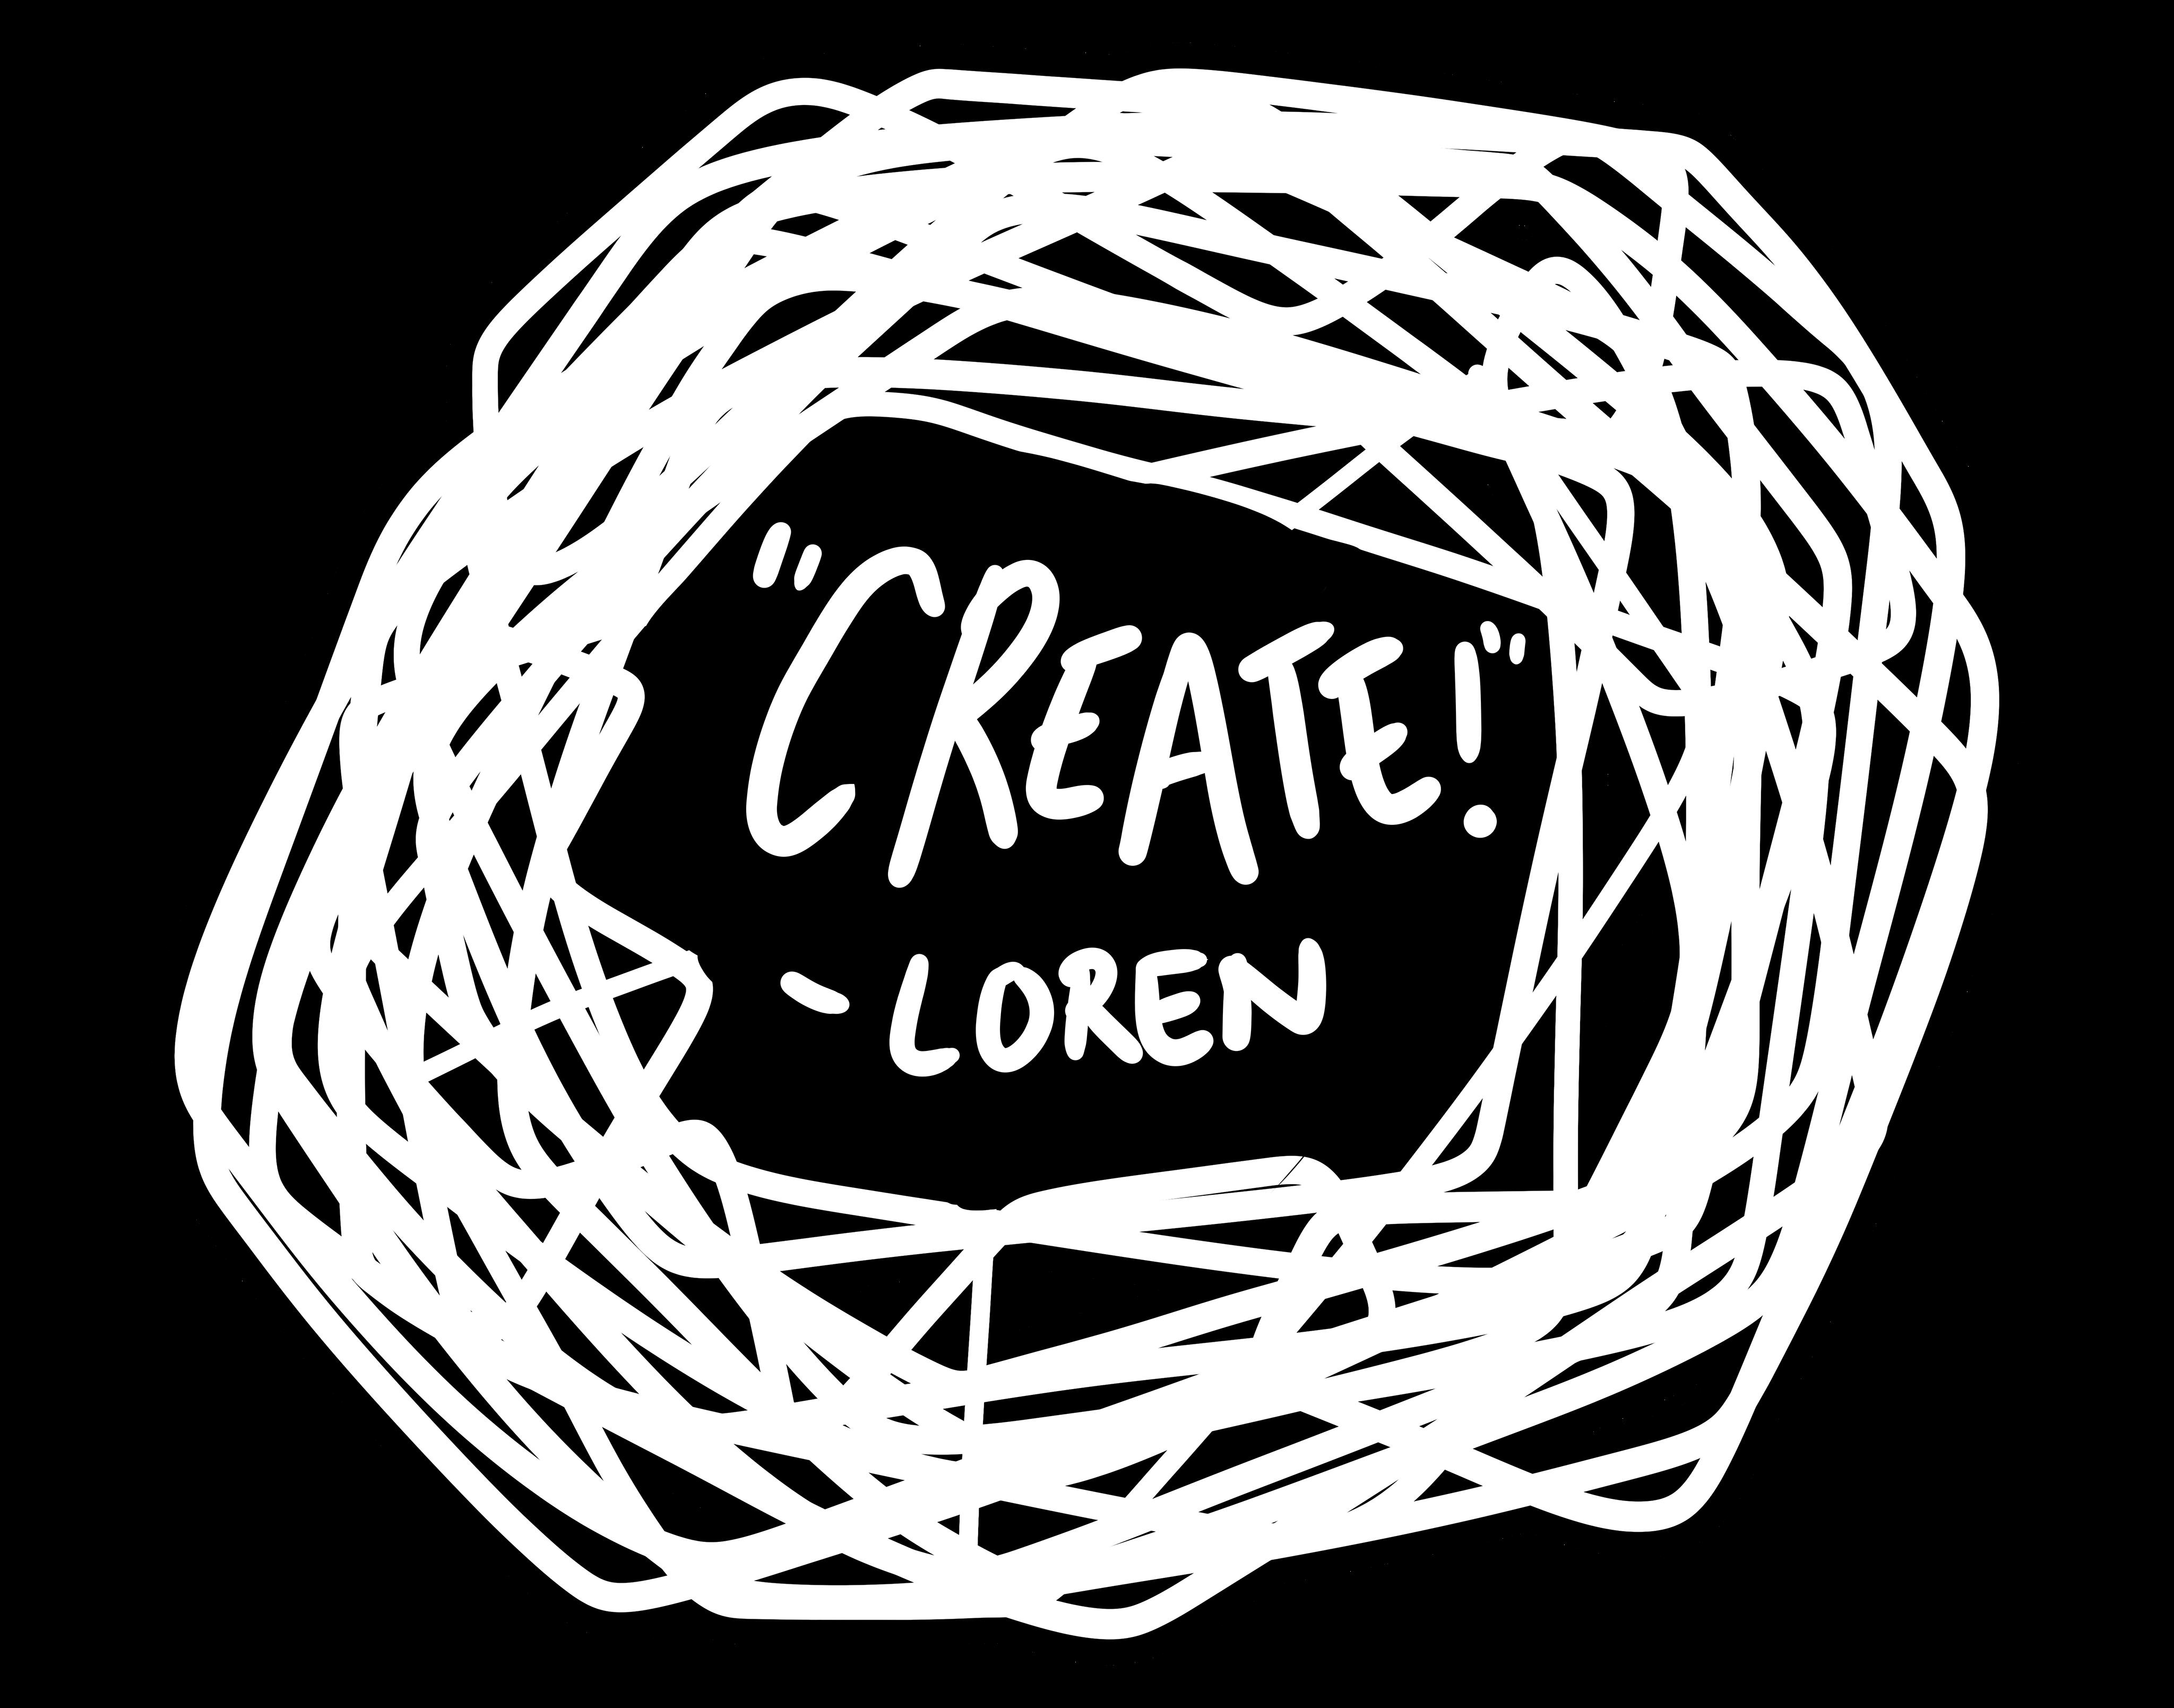 Loren Fizer